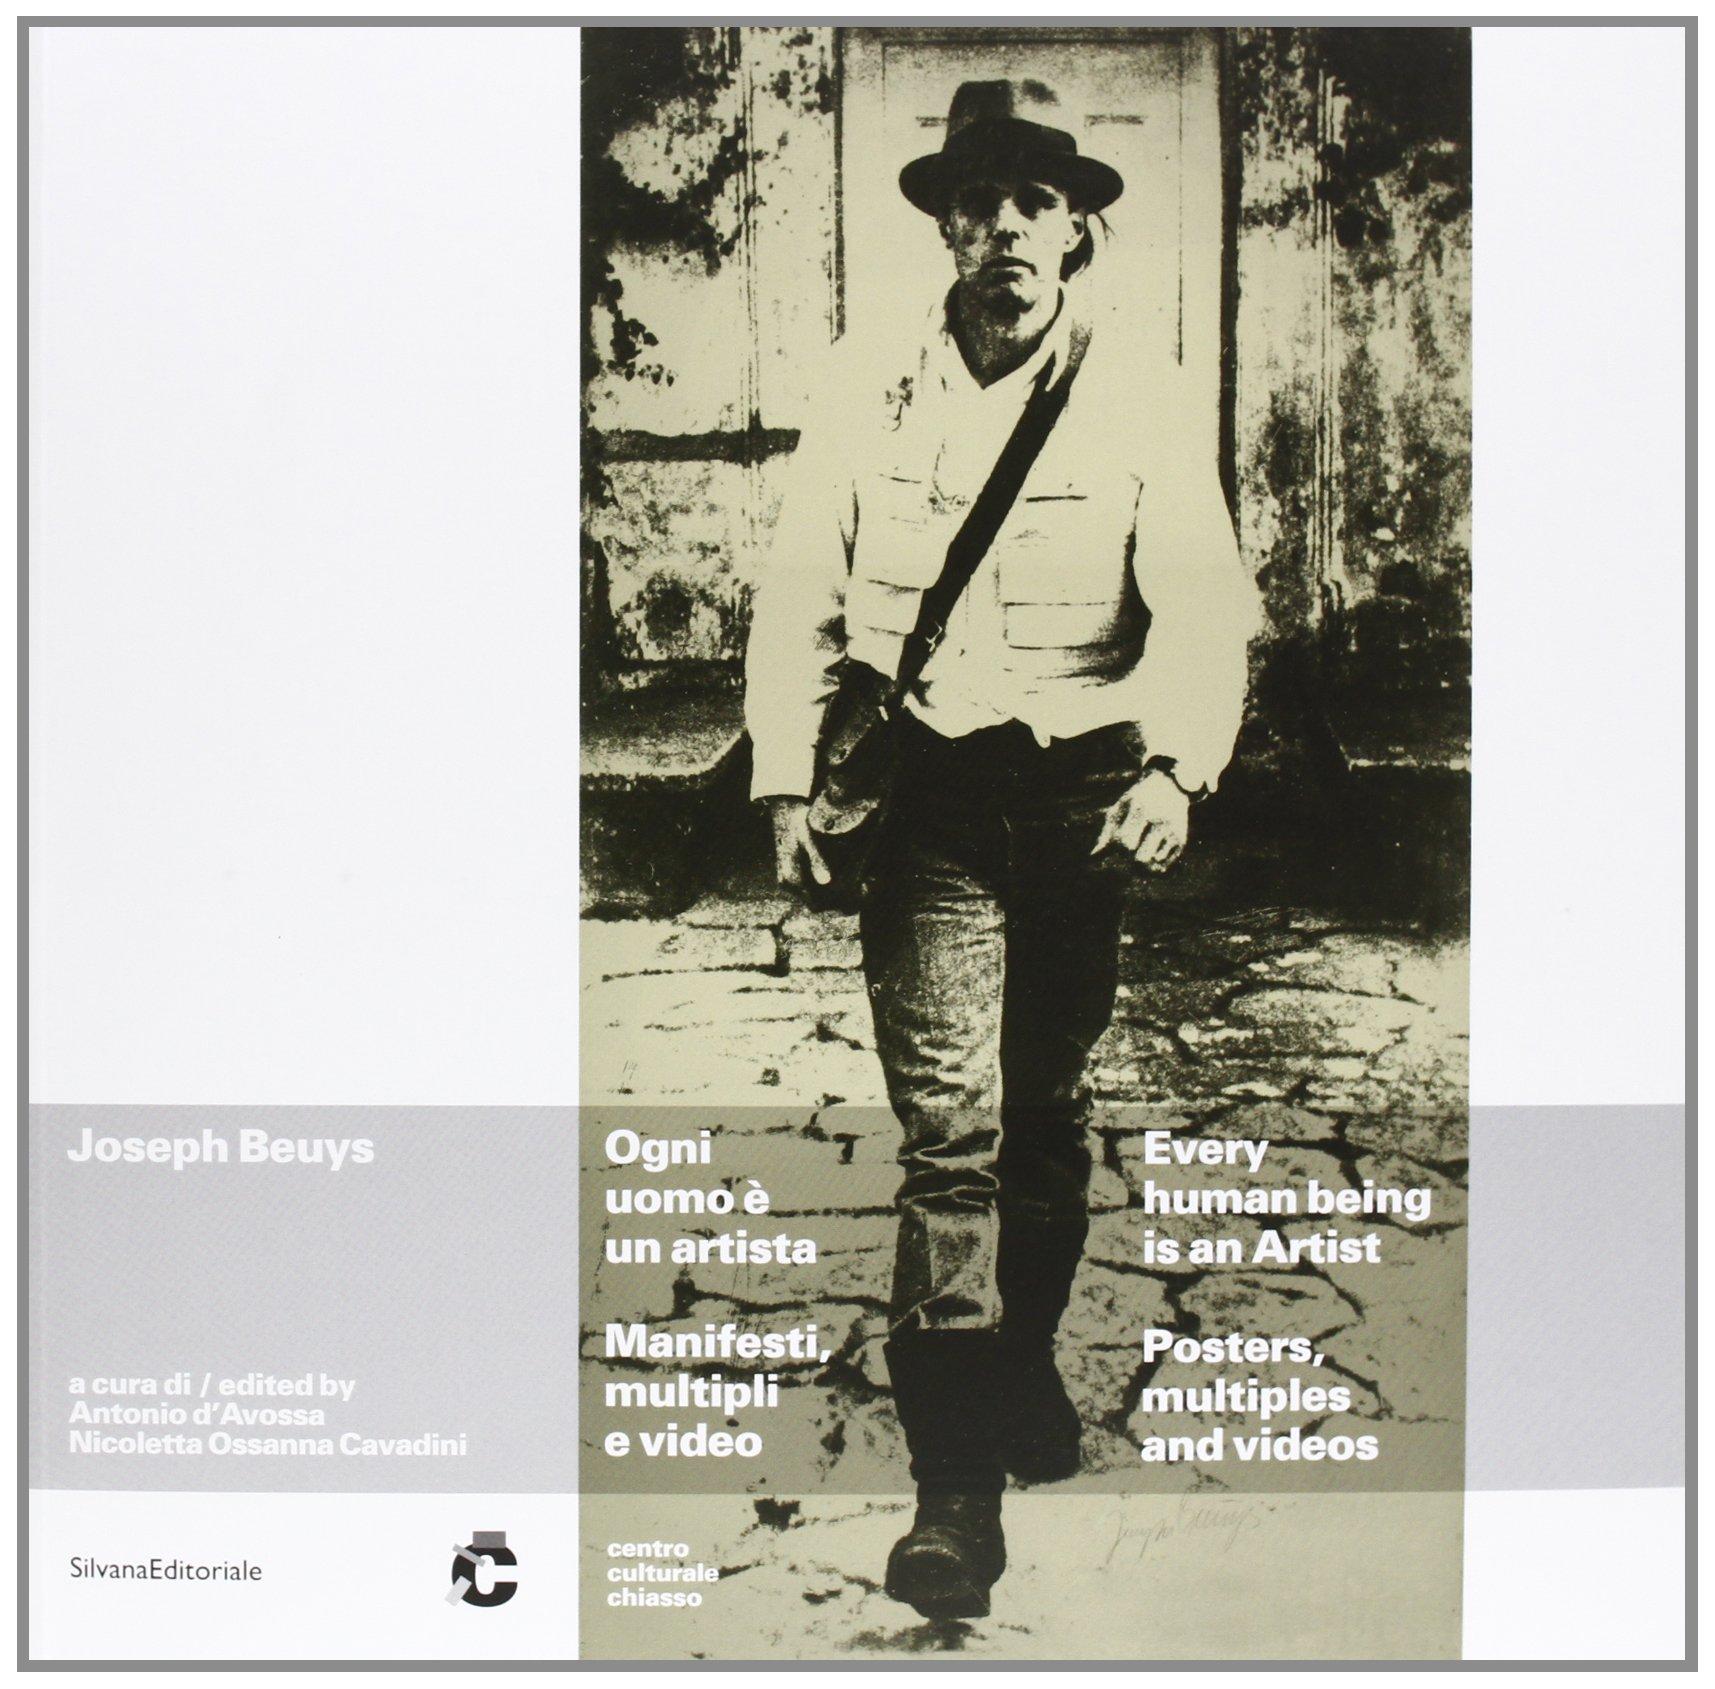 Joseph Beuys. Ogni uomo è un artista. Manifesti, multipli e video. Catalogo della mostra (Chiasso, 25 maggio-15 luglio 2012). Ediz. italiana e inglese (Inglese) Copertina flessibile – 18 apr 2013 A. D' Avossa N. Ossanna Cavadini Silvana 8836624014